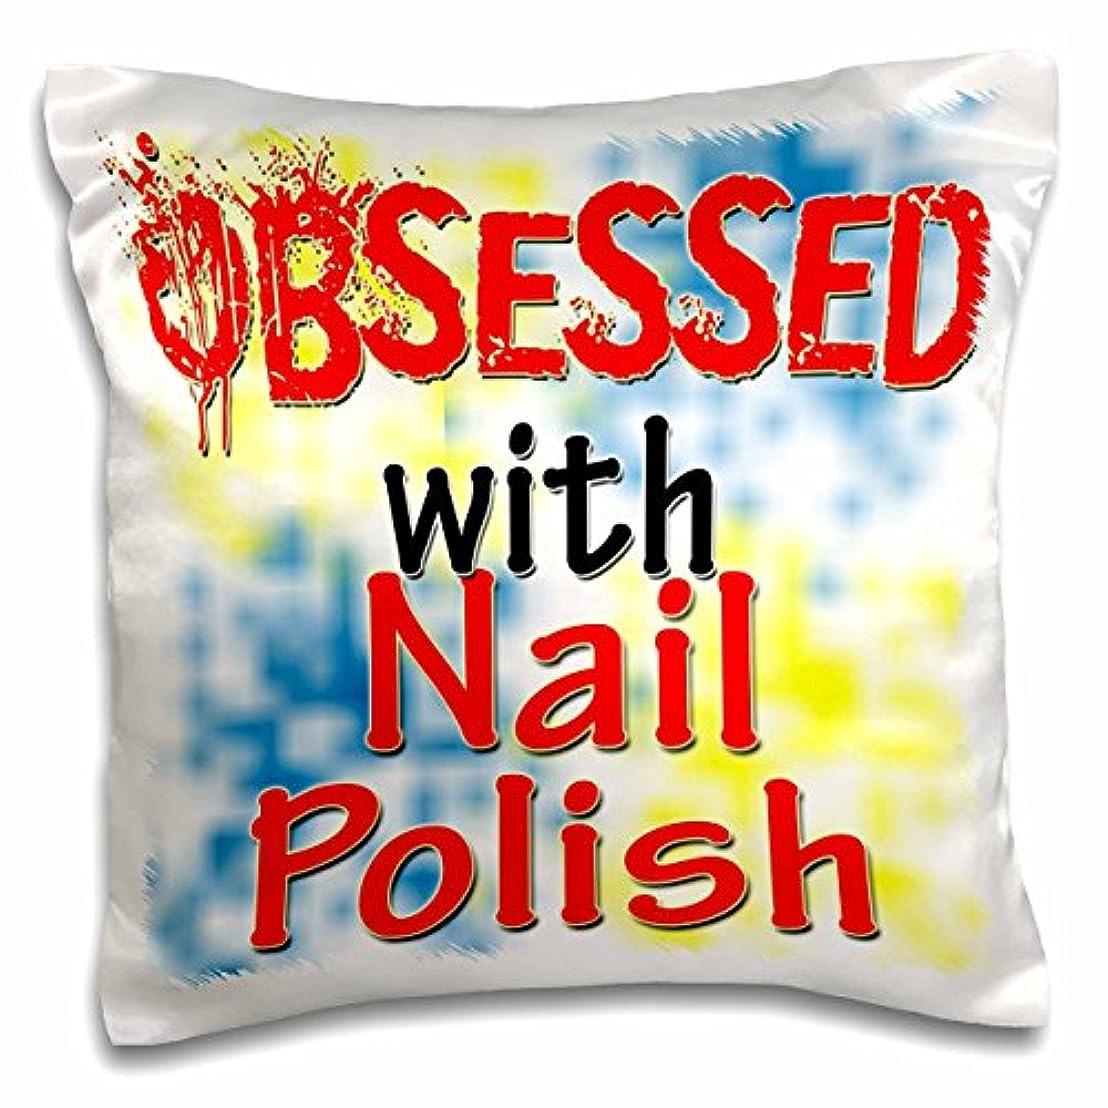 押し下げるメディック禁輸3droseブロンドDesigns Obsessed with – Obsessed with Nail Polish – 枕ケース 16